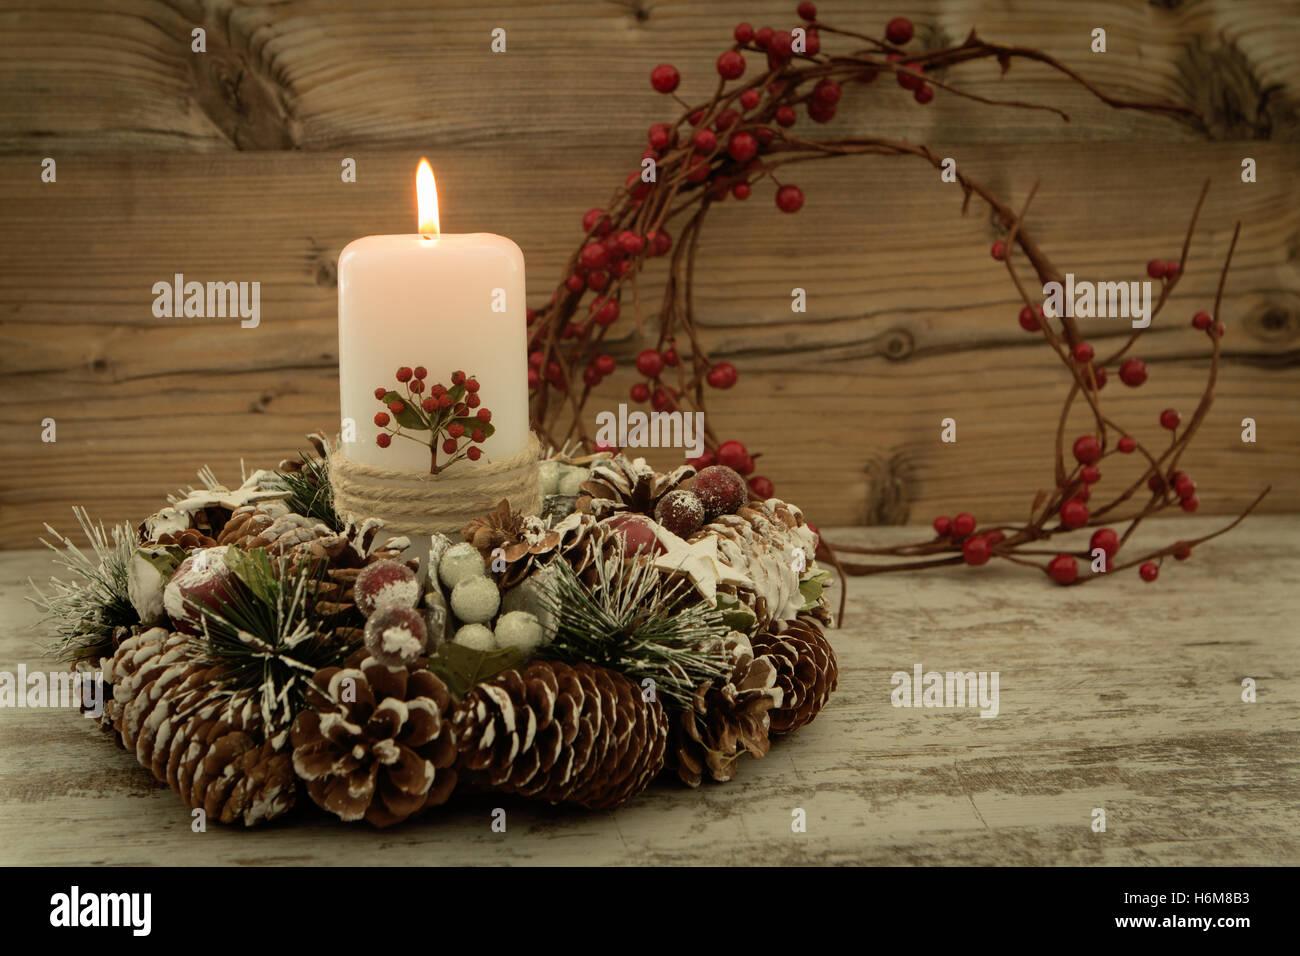 Nice Elegante Herzstück Für Den Weihnachtstisch Mit Einer Kerze Auf Einem  Natürlichen Kranz Nice Look